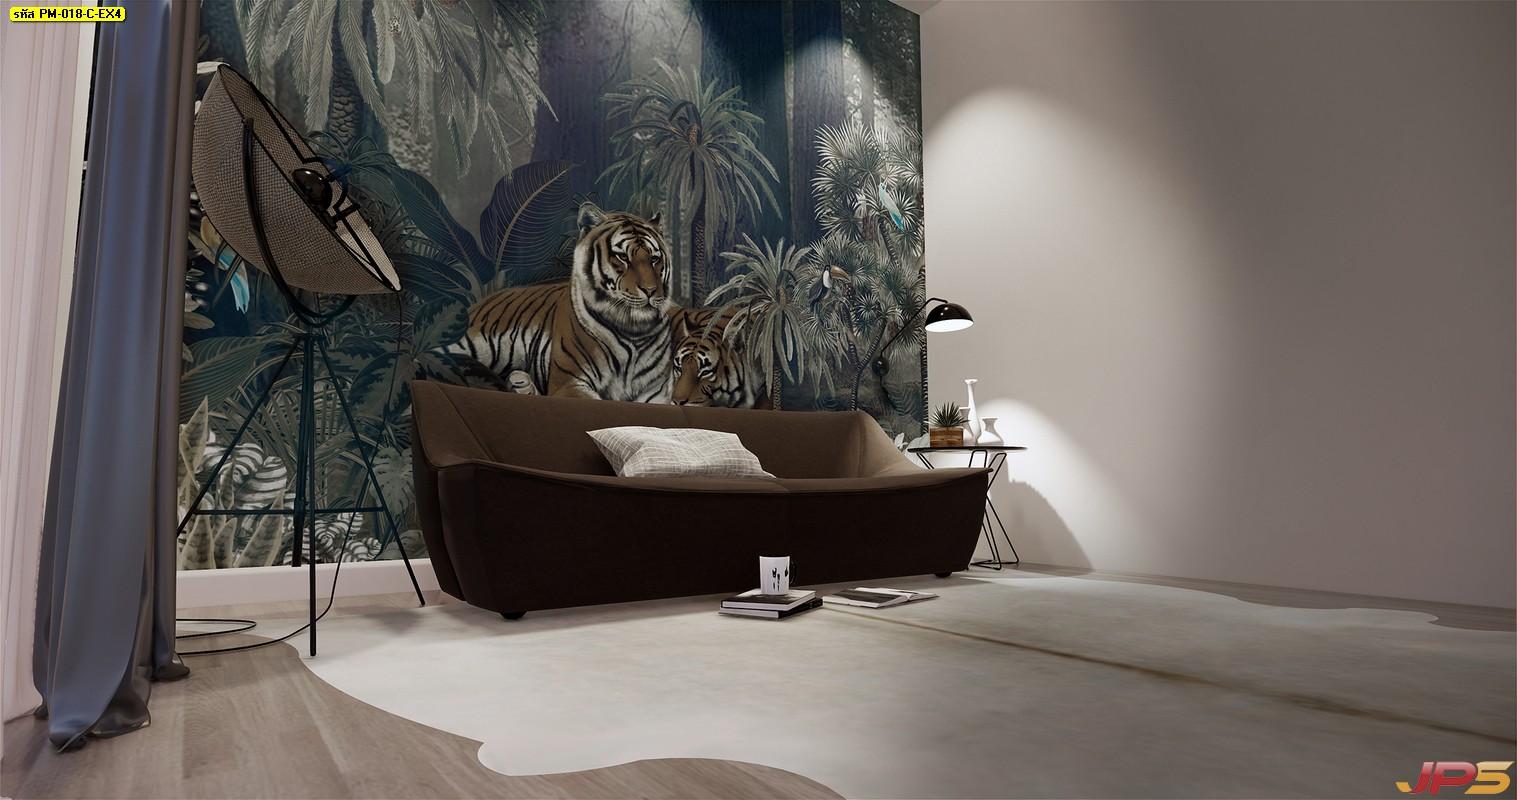 วอลเปเปอร์พิมพ์ลงบนผ้า ลายเสือนอนคู่กันในสวนป่า